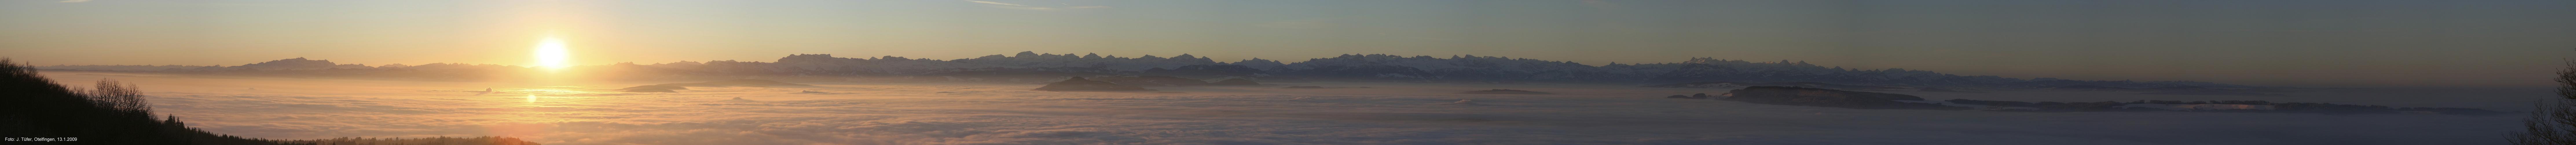 Sonnenaufgang über dem Nebelmeer